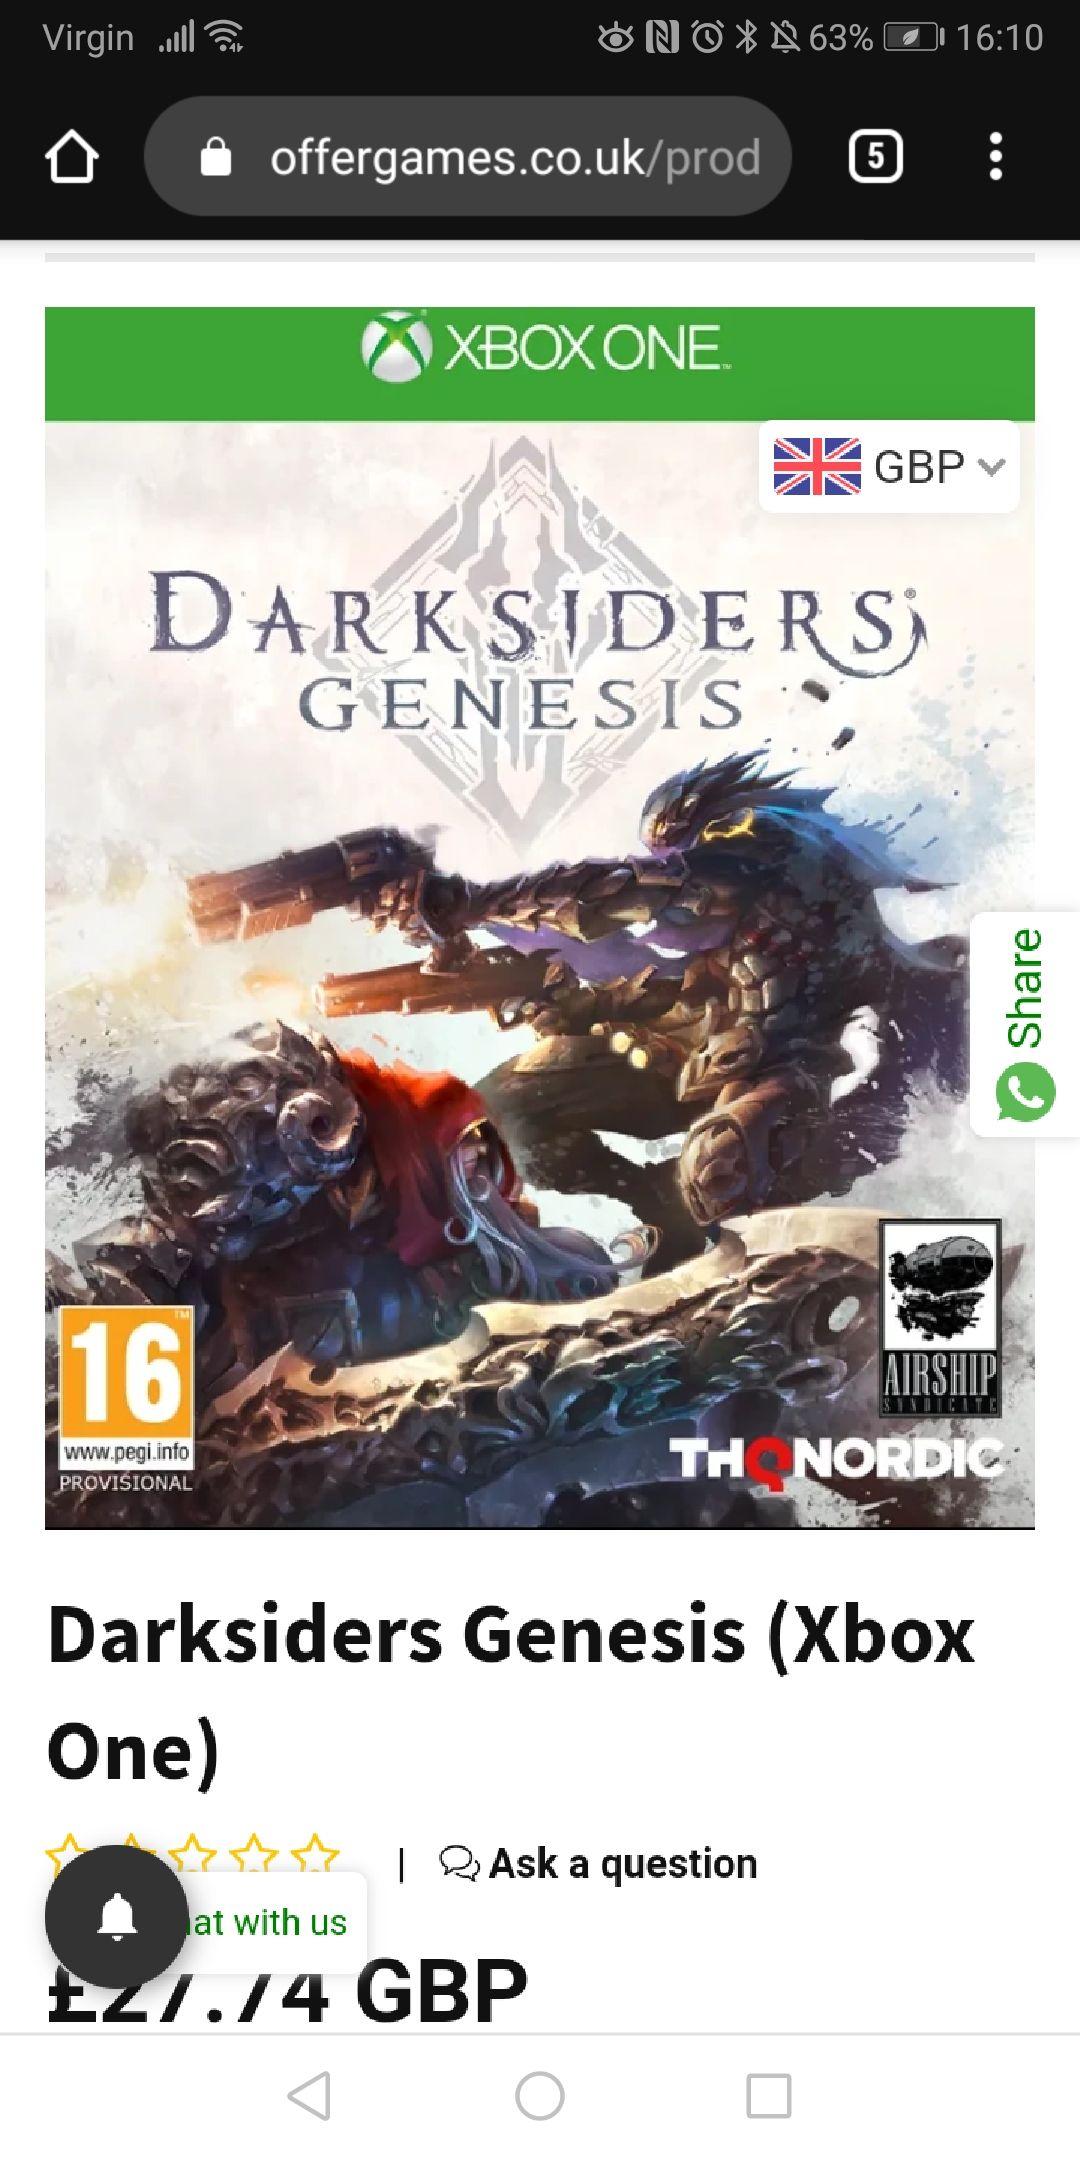 Darksiders Genesis Xbox One £27.74 @ 365games.co.uk